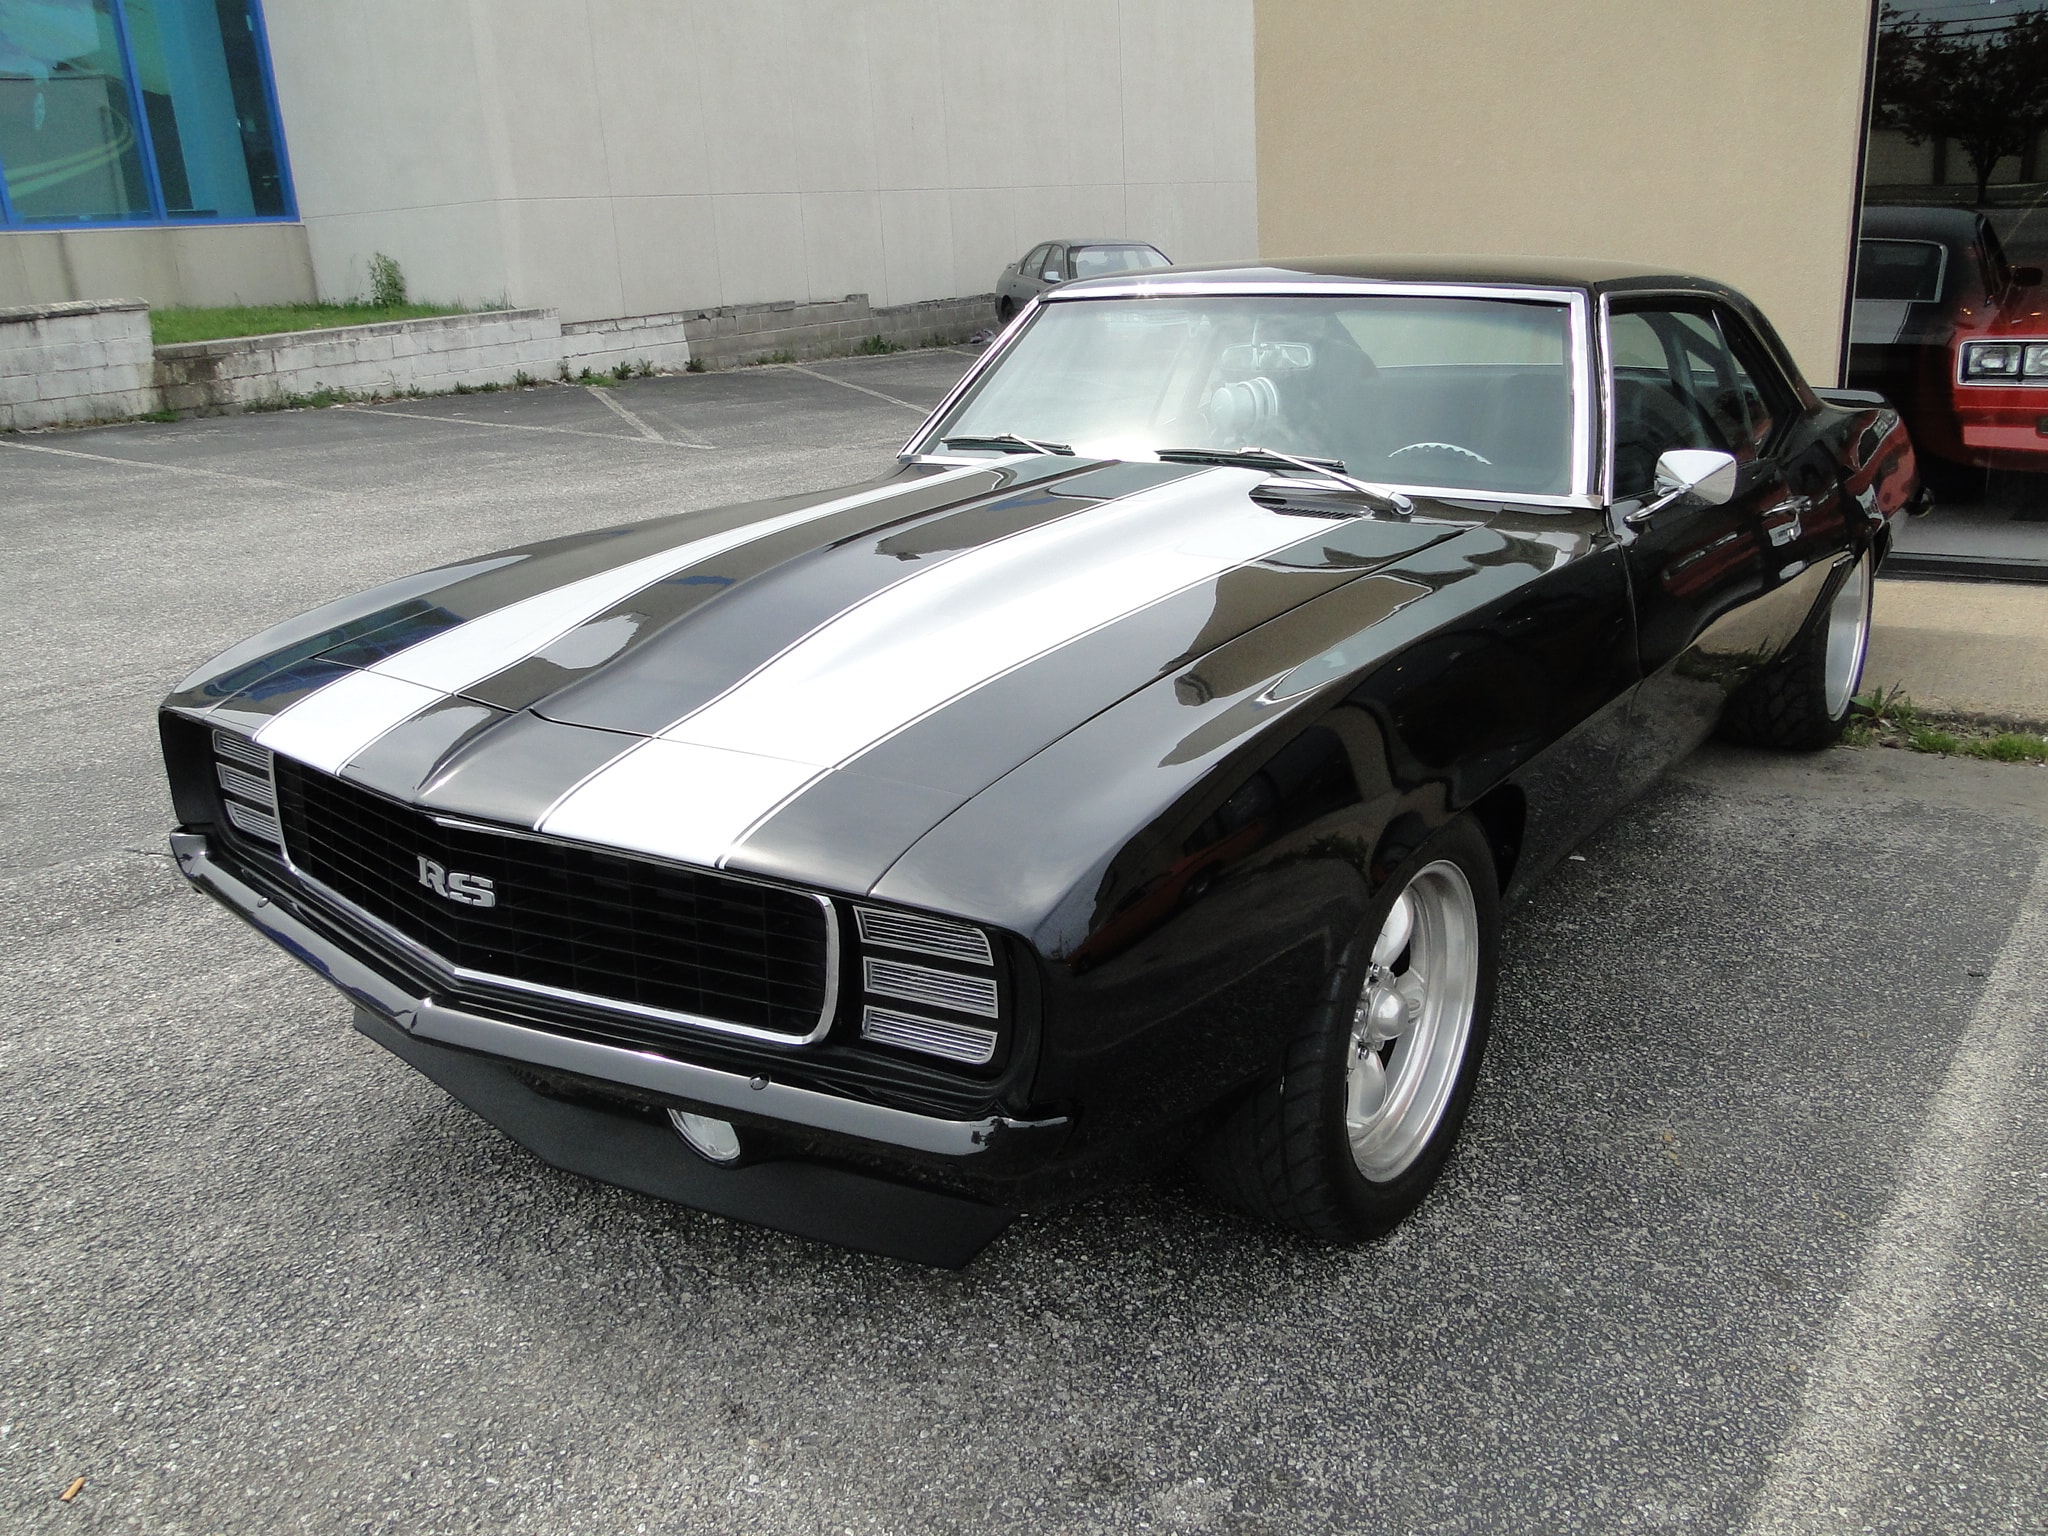 Used 1969 Chevrolet Camaro For Sale | Glen Burnie MD